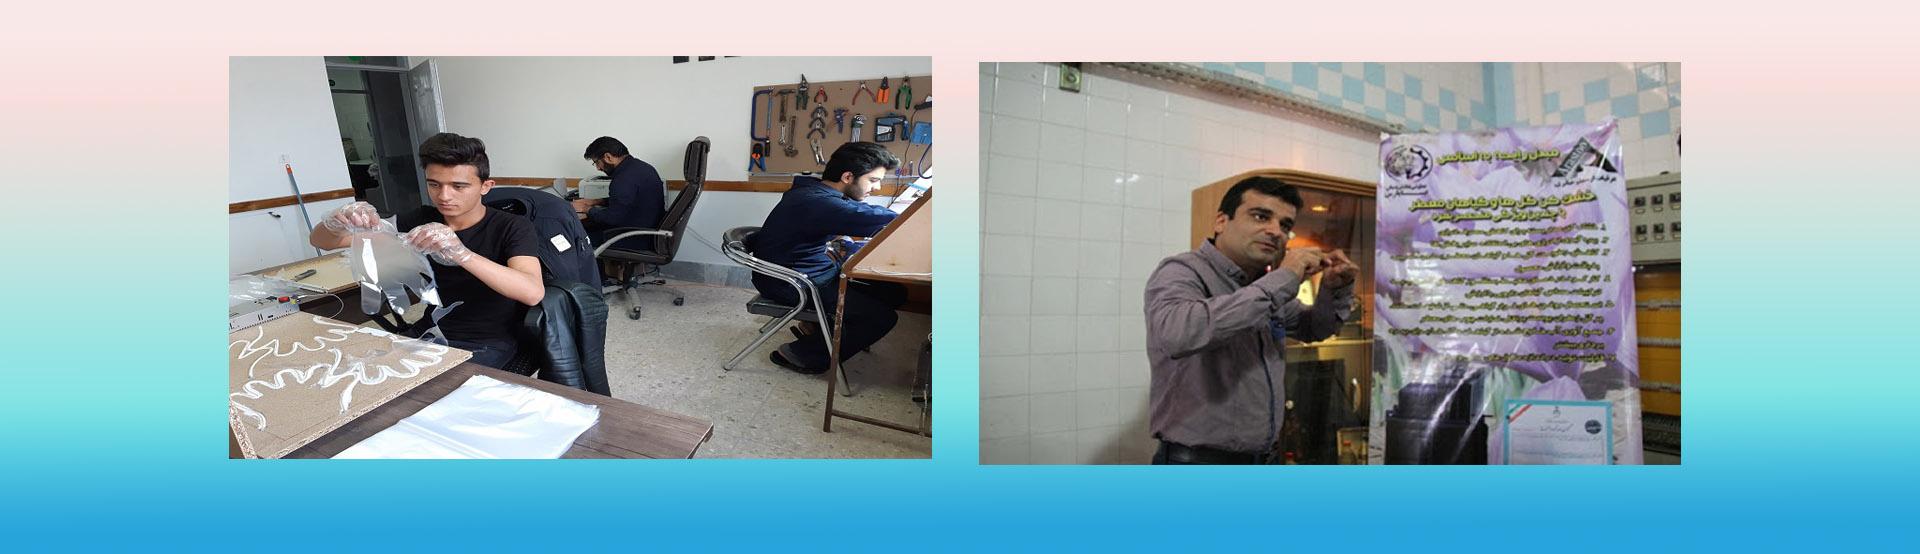 تولید الکل، دستکش و ماسک تلقی توسط فناوران مستقر در مرکز رشد قاین (کلیک کنید)